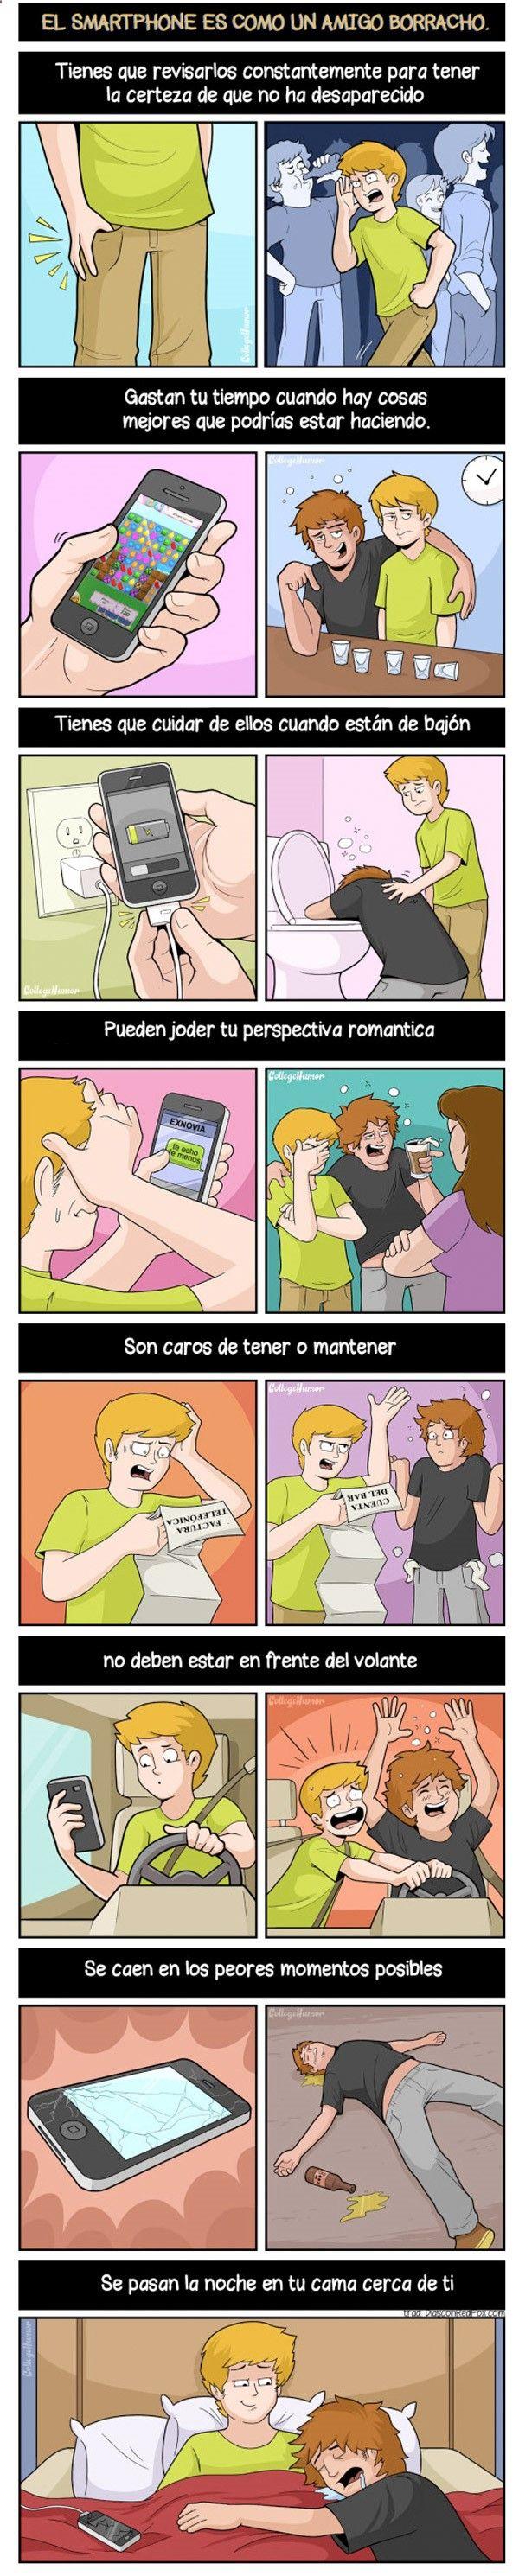 El smartphone es como un amigo borracho. #humor #risa #graciosas #chistosas #divertidas